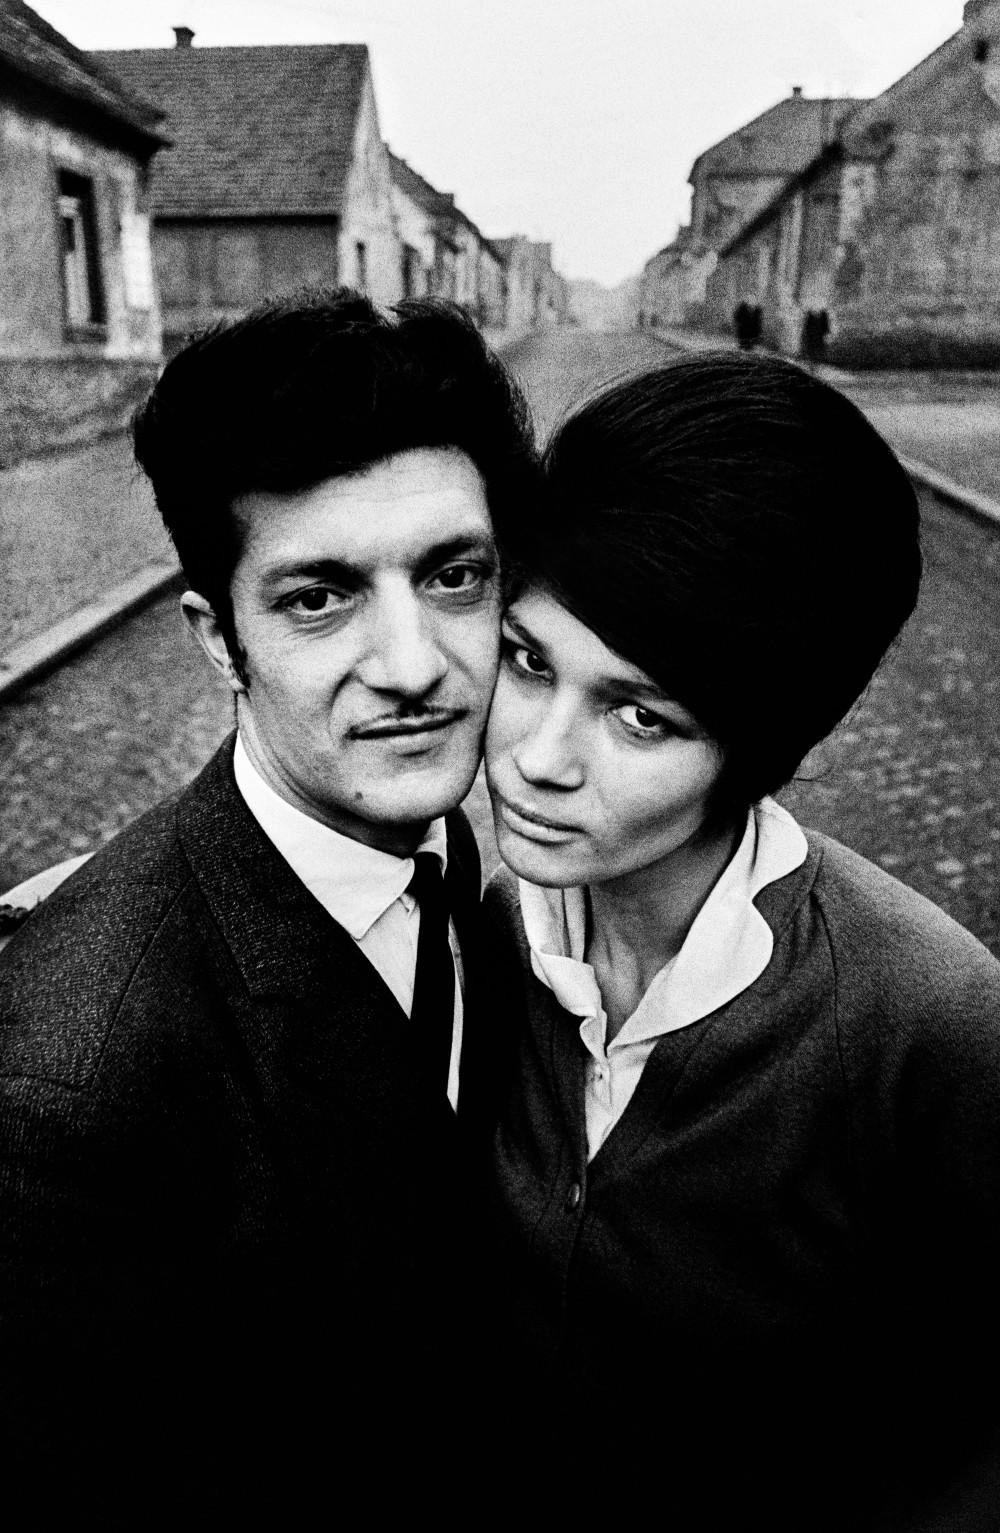 CZECHOSLOVAKIA. KLADNO. 1966.